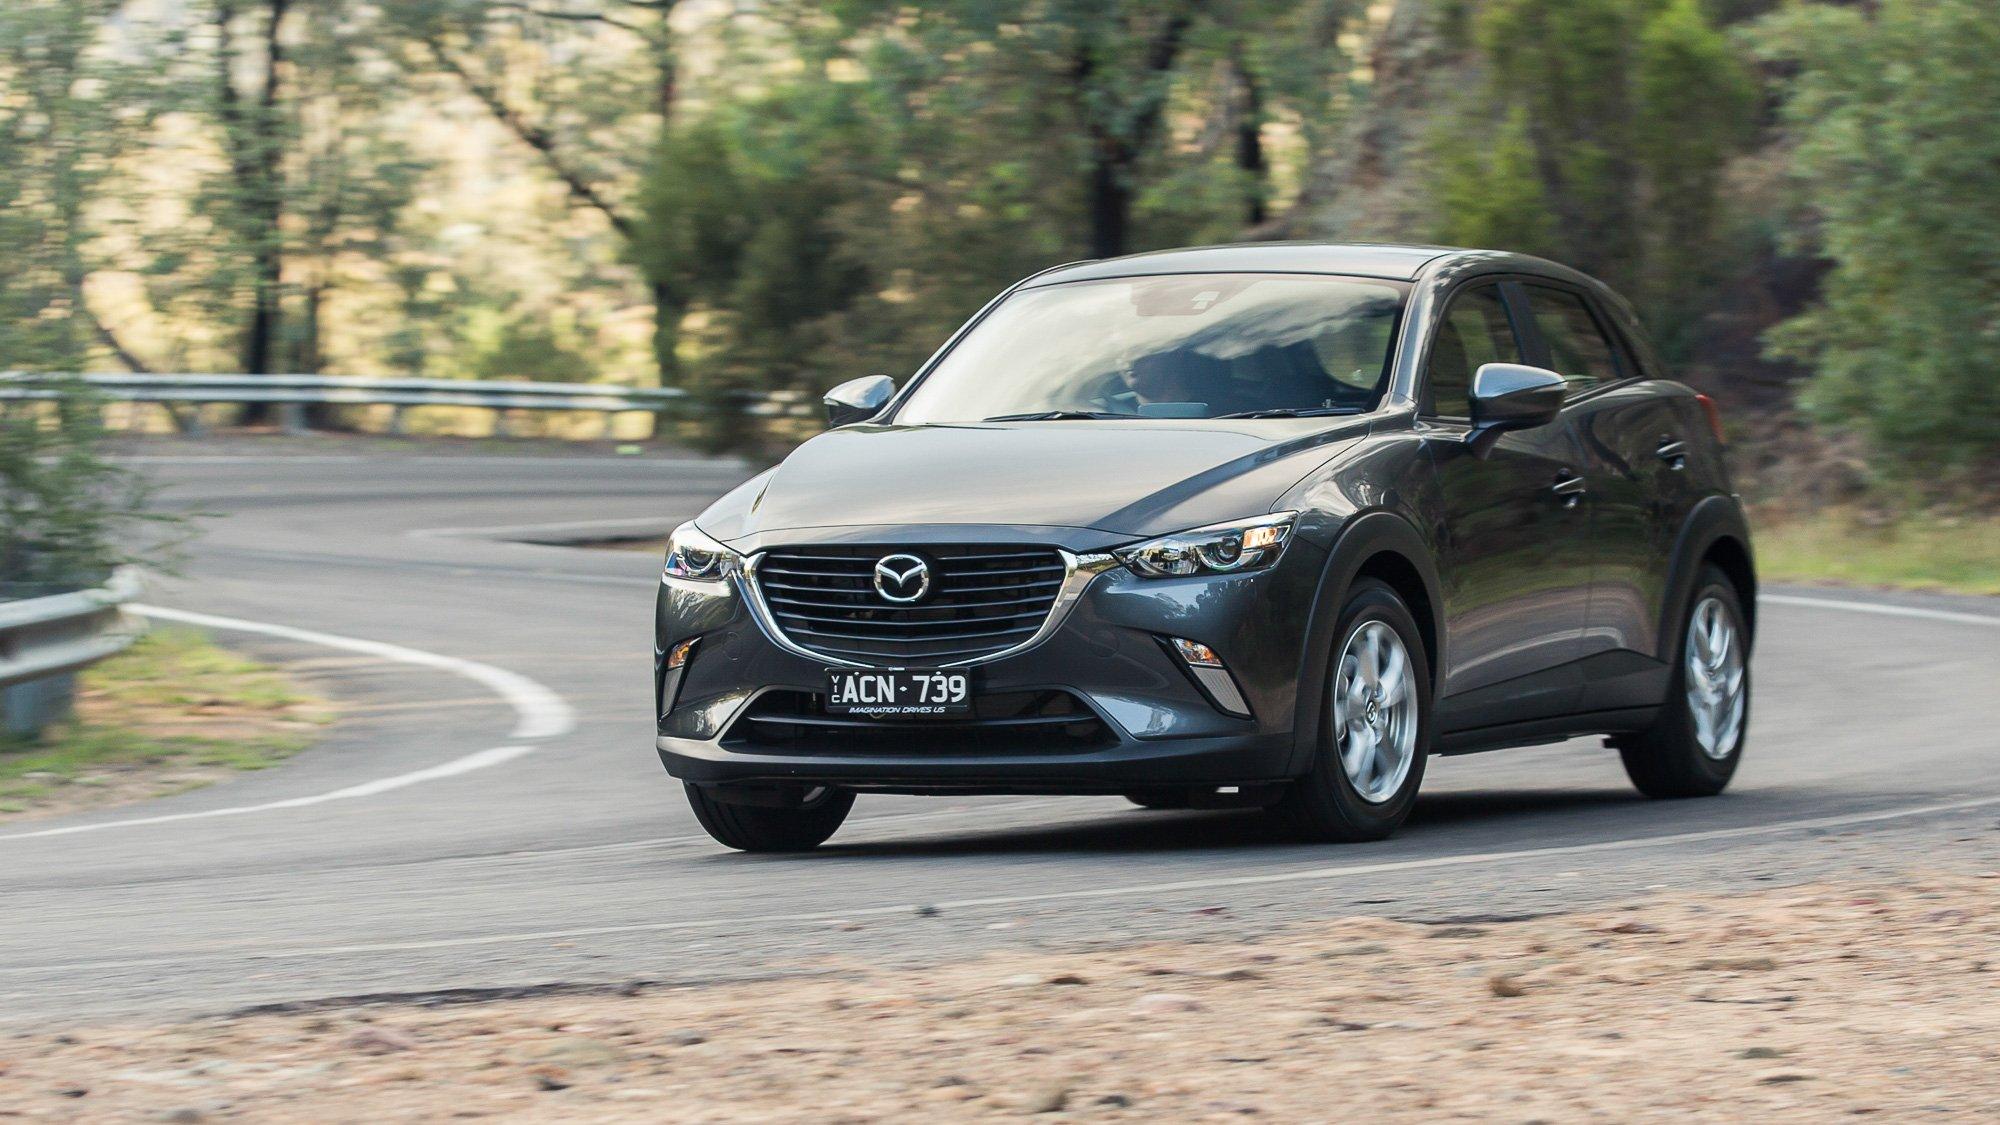 Mazda Bt >> 2015 Mazda CX-3 Review | CarAdvice